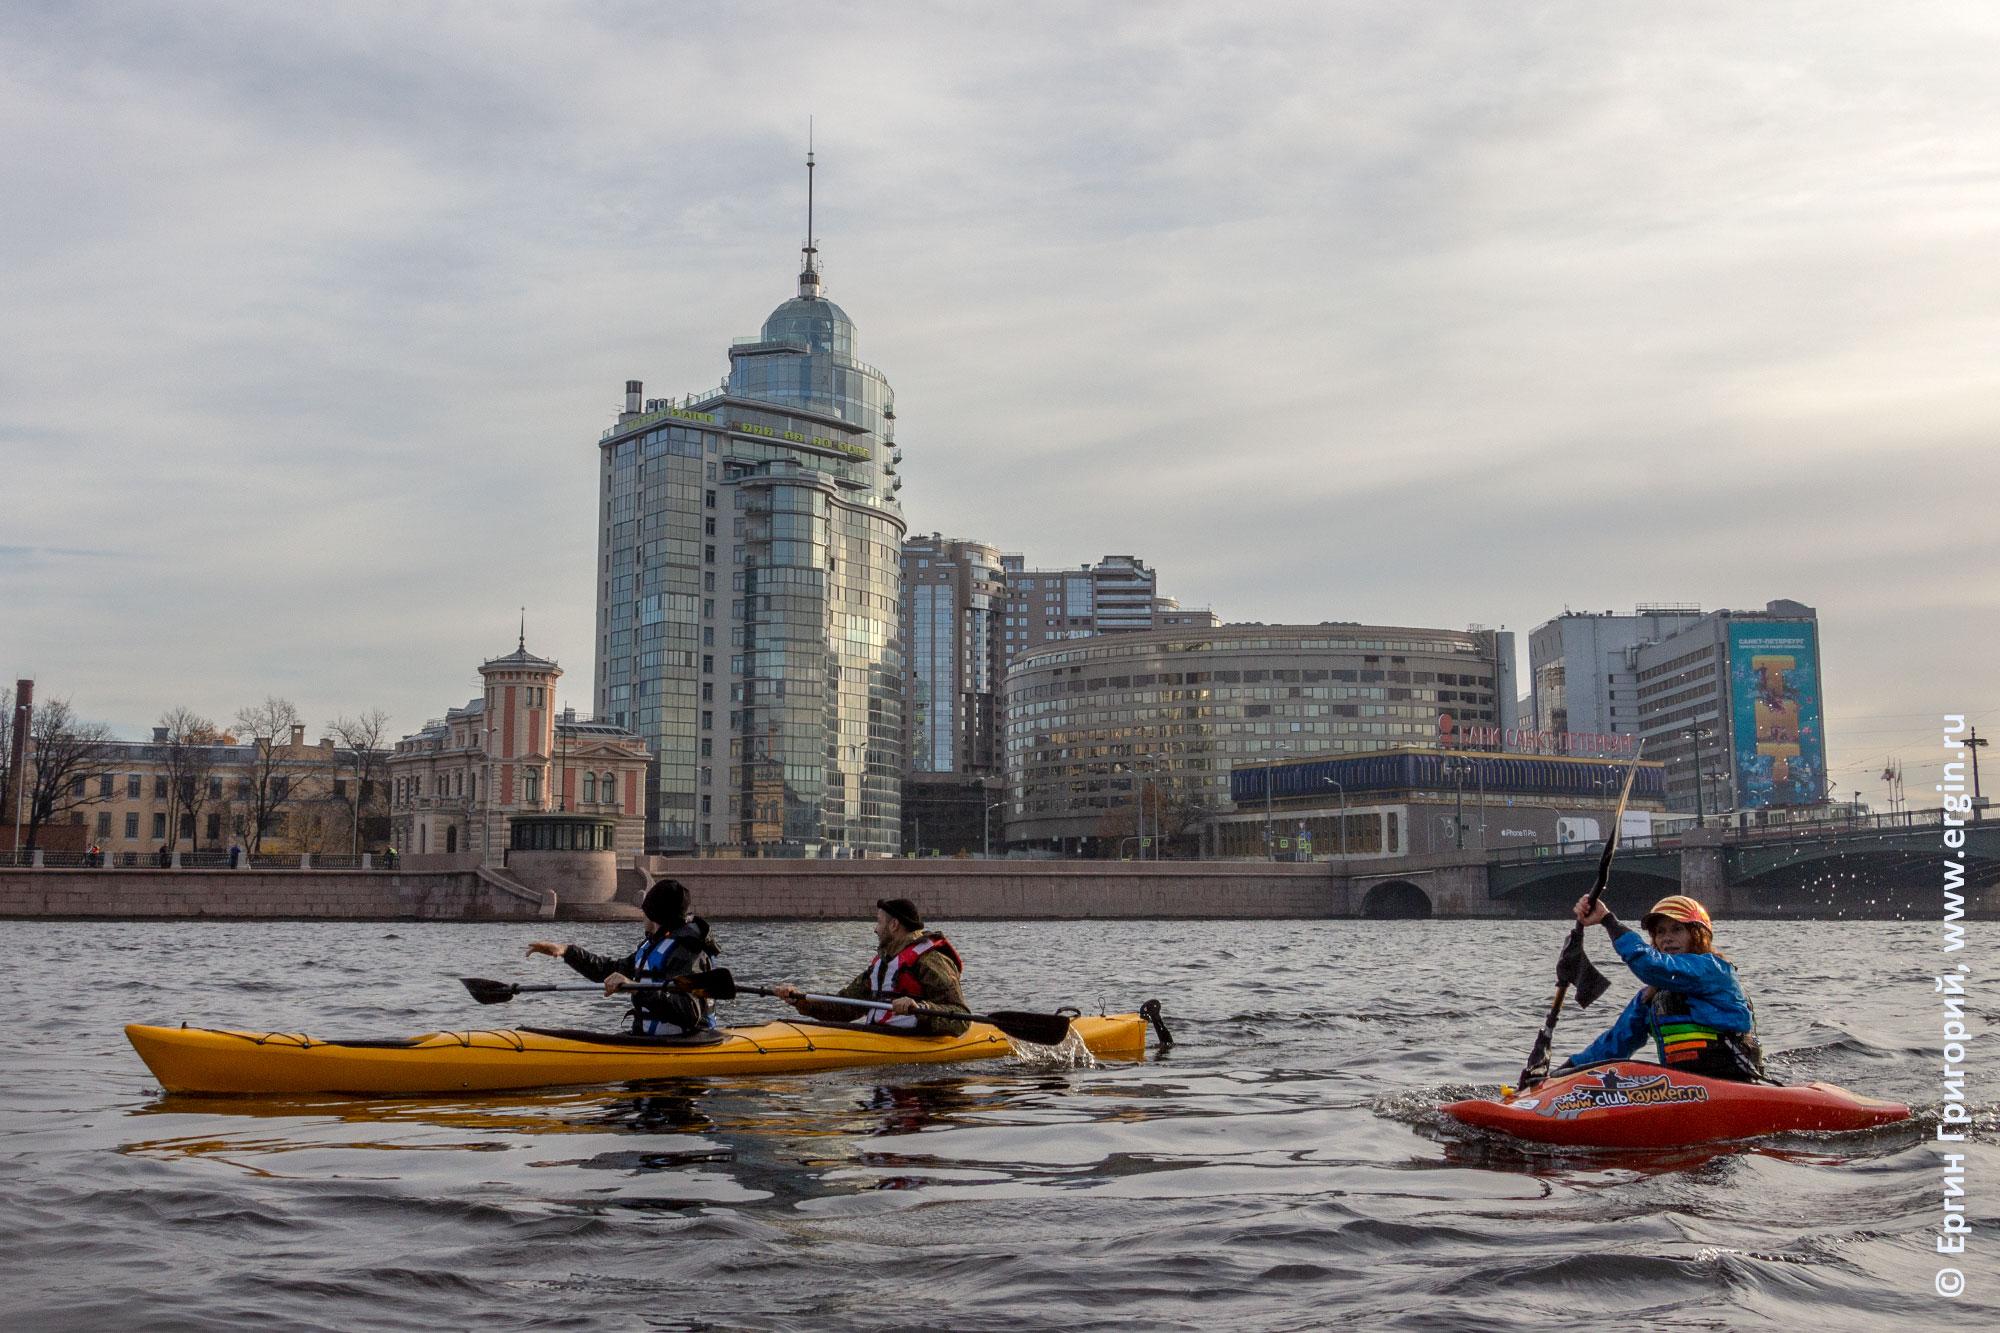 Каякеры проходят мимо Пироговской набережной в Санкт-Петербурге